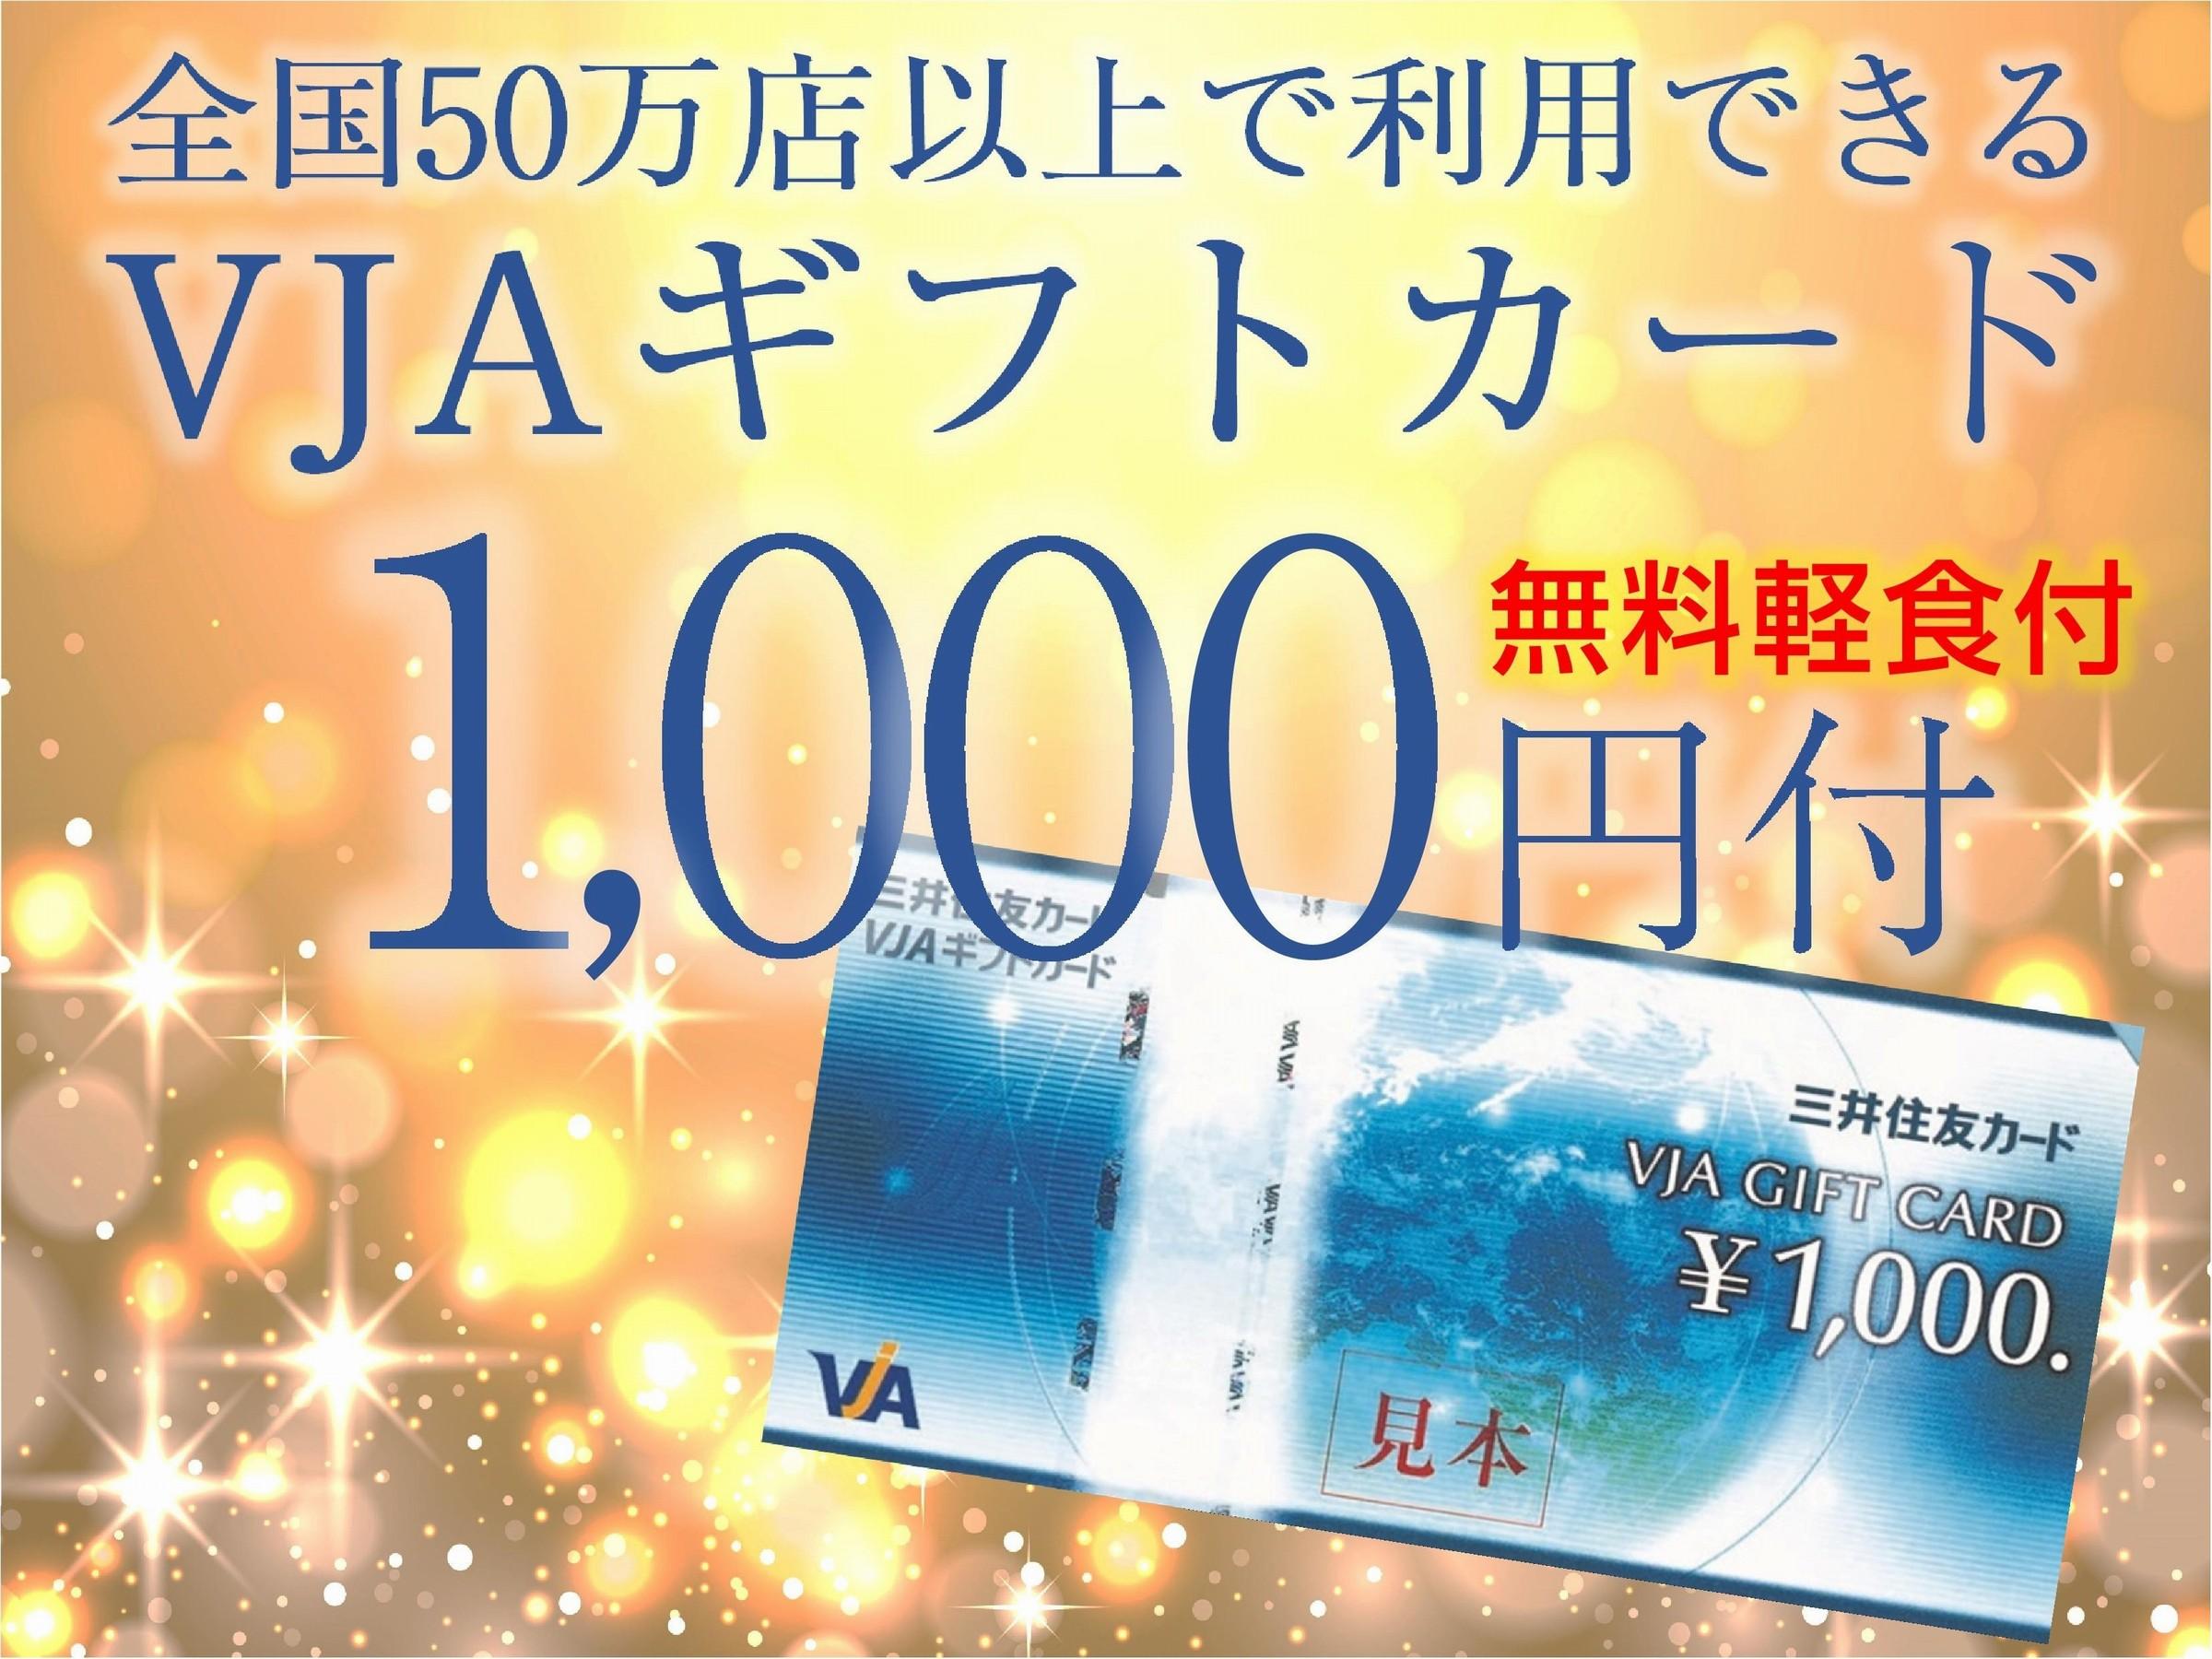 ホテルウィングインターナショナル新橋御成門 / VJAギフトカード1,000円付プラン【ビジネスでのご利用におすすめ】